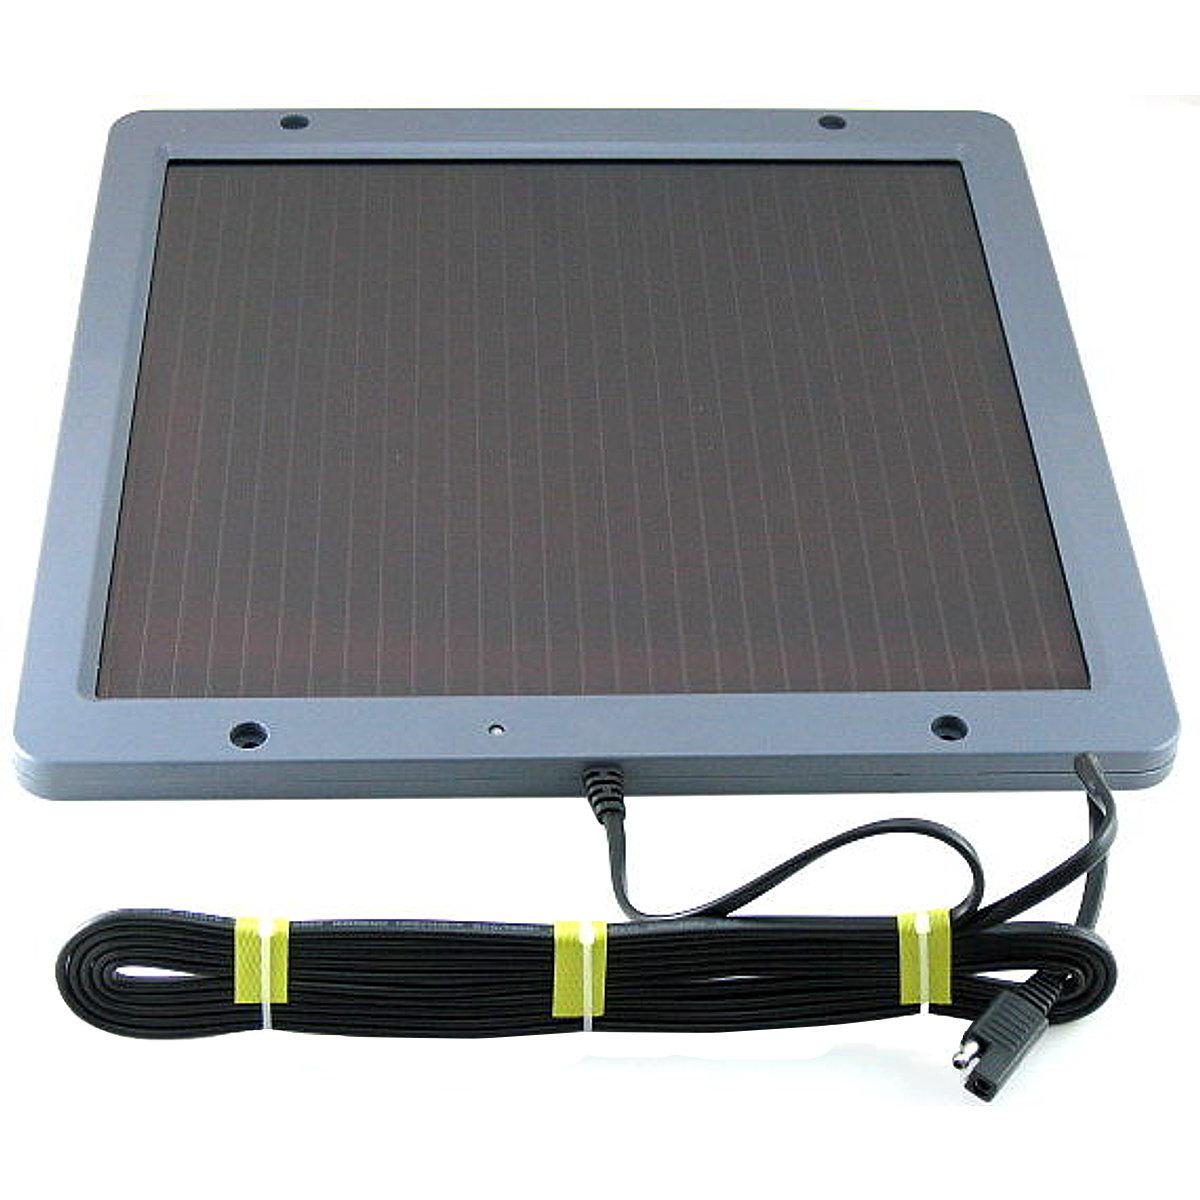 Solárna batéria Nabíjačka 13.5V 5W SOLAR + káble